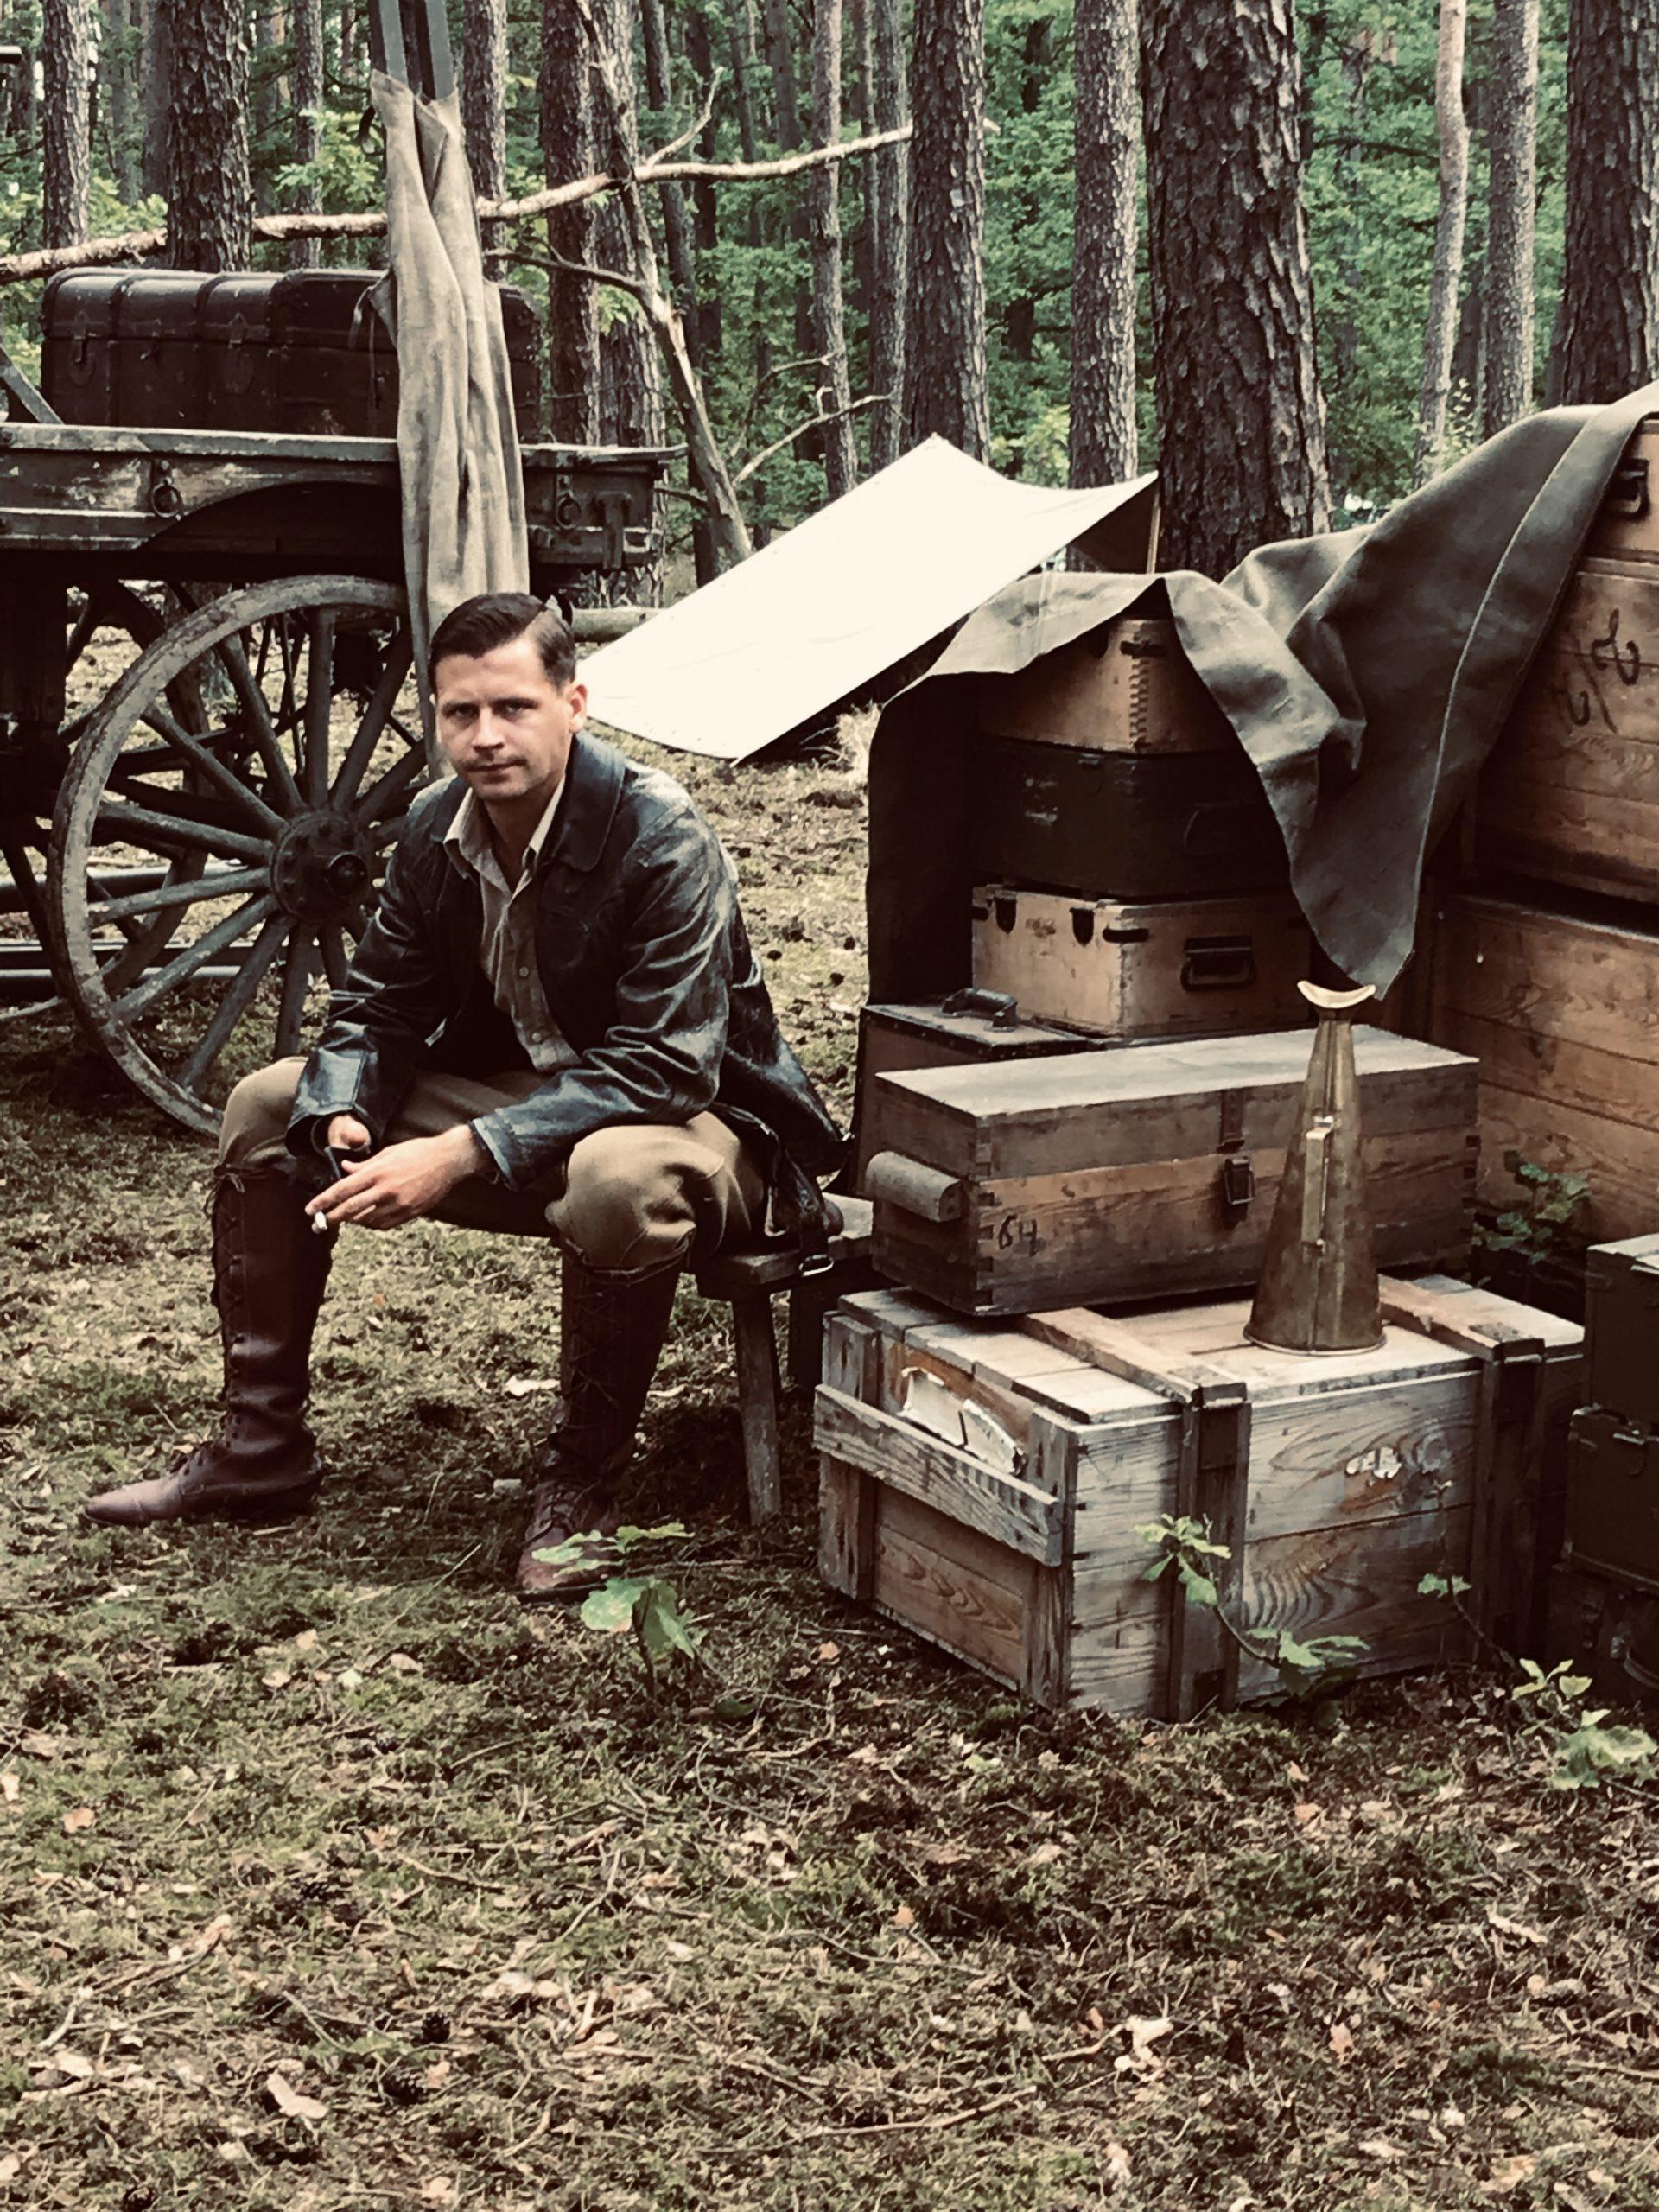 мужчина в костюме ХХ века, сидящий в лесу на табурете возле ящиков, на заднем плане фрагмент повозки